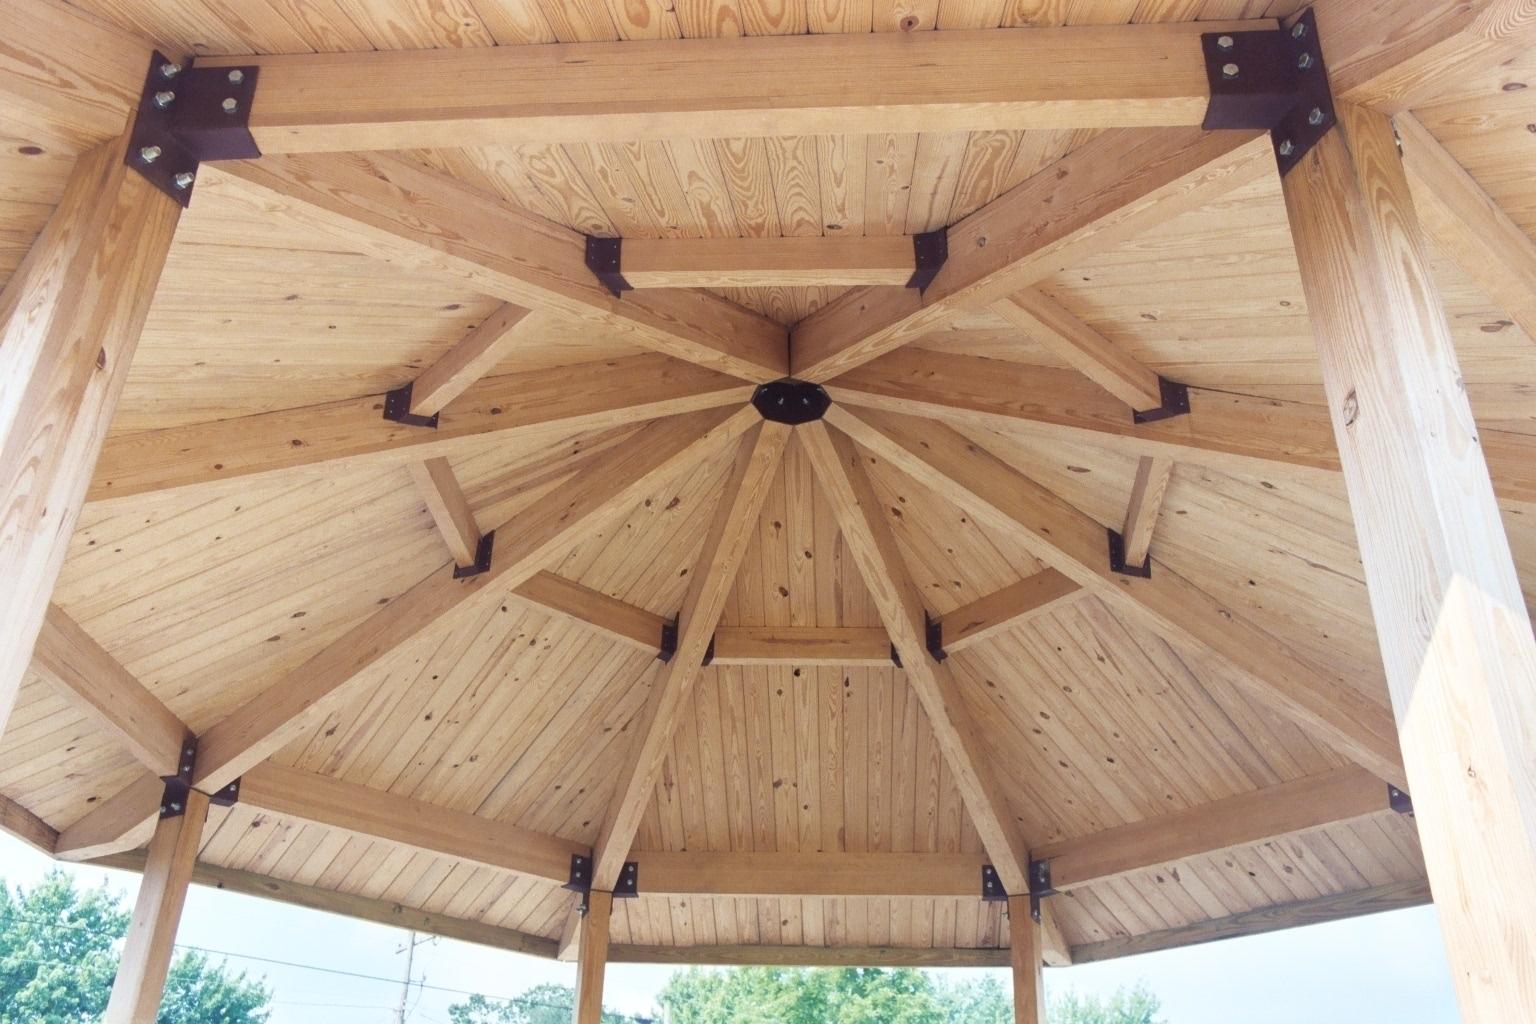 Dimensionamento Pergolato In Legno dimensioni travi in legno - travi - sezioni travi in legno